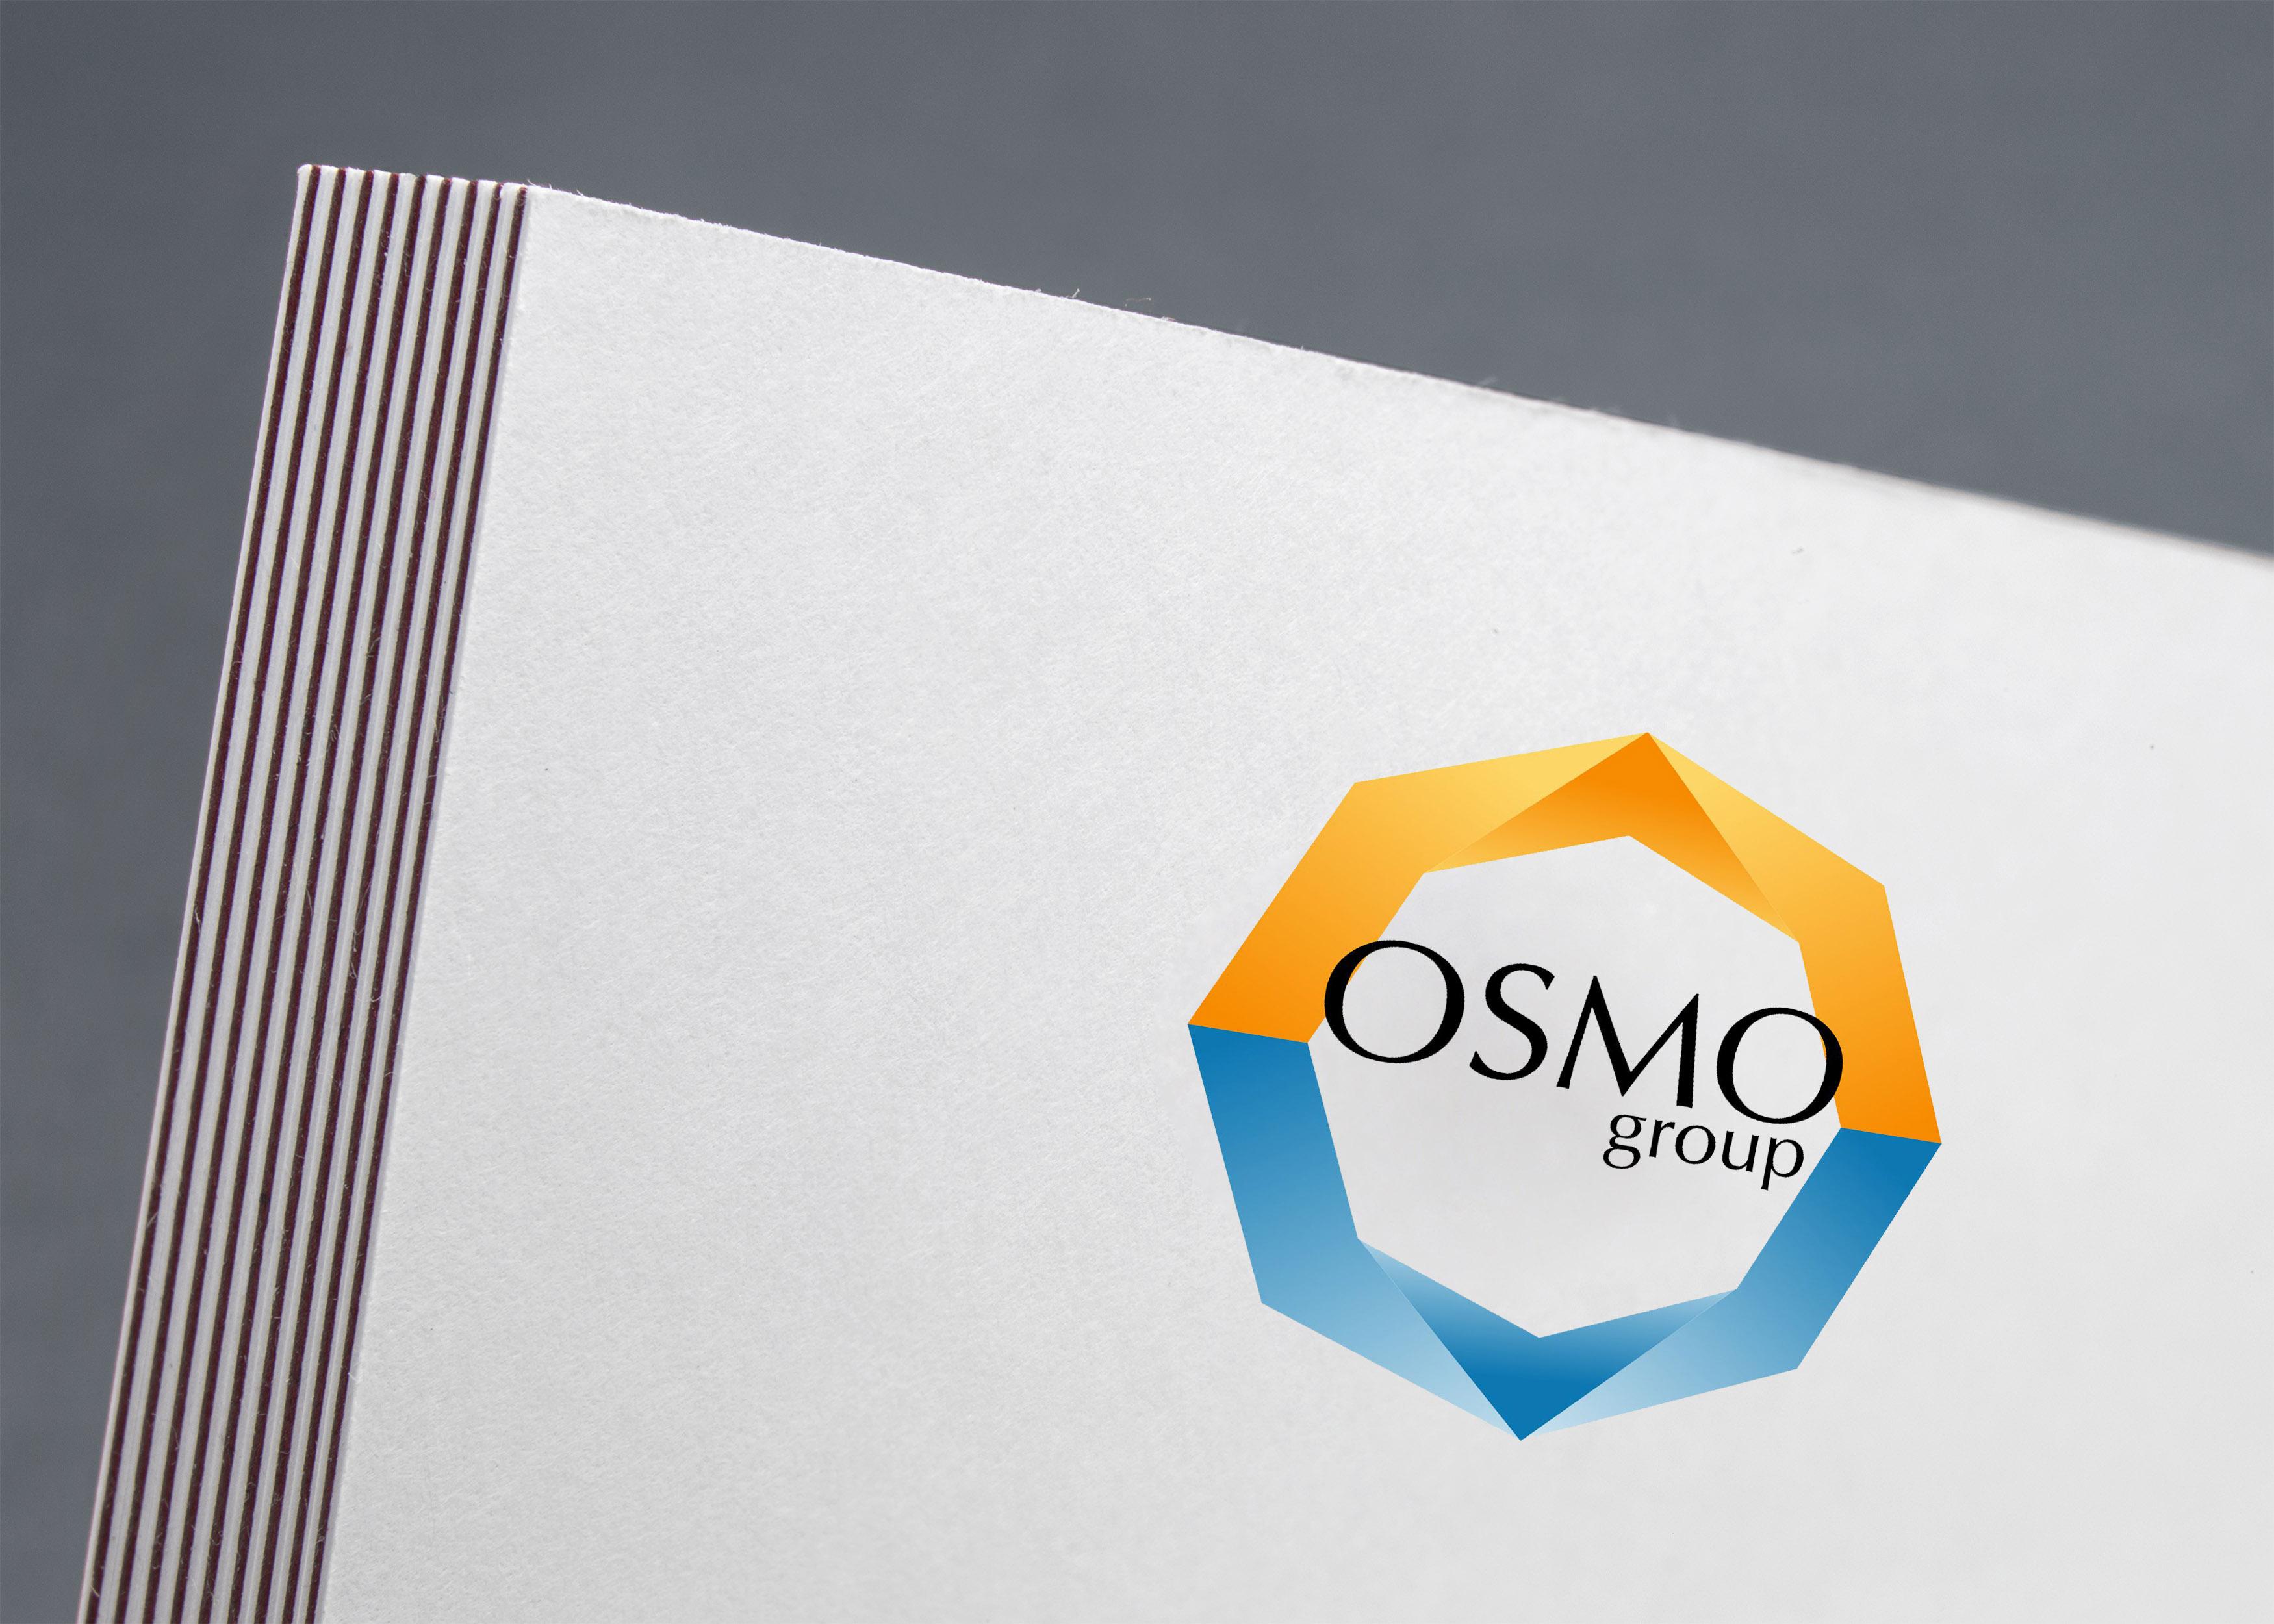 Создание логотипа для строительной компании OSMO group  фото f_40459b652e06a828.jpg